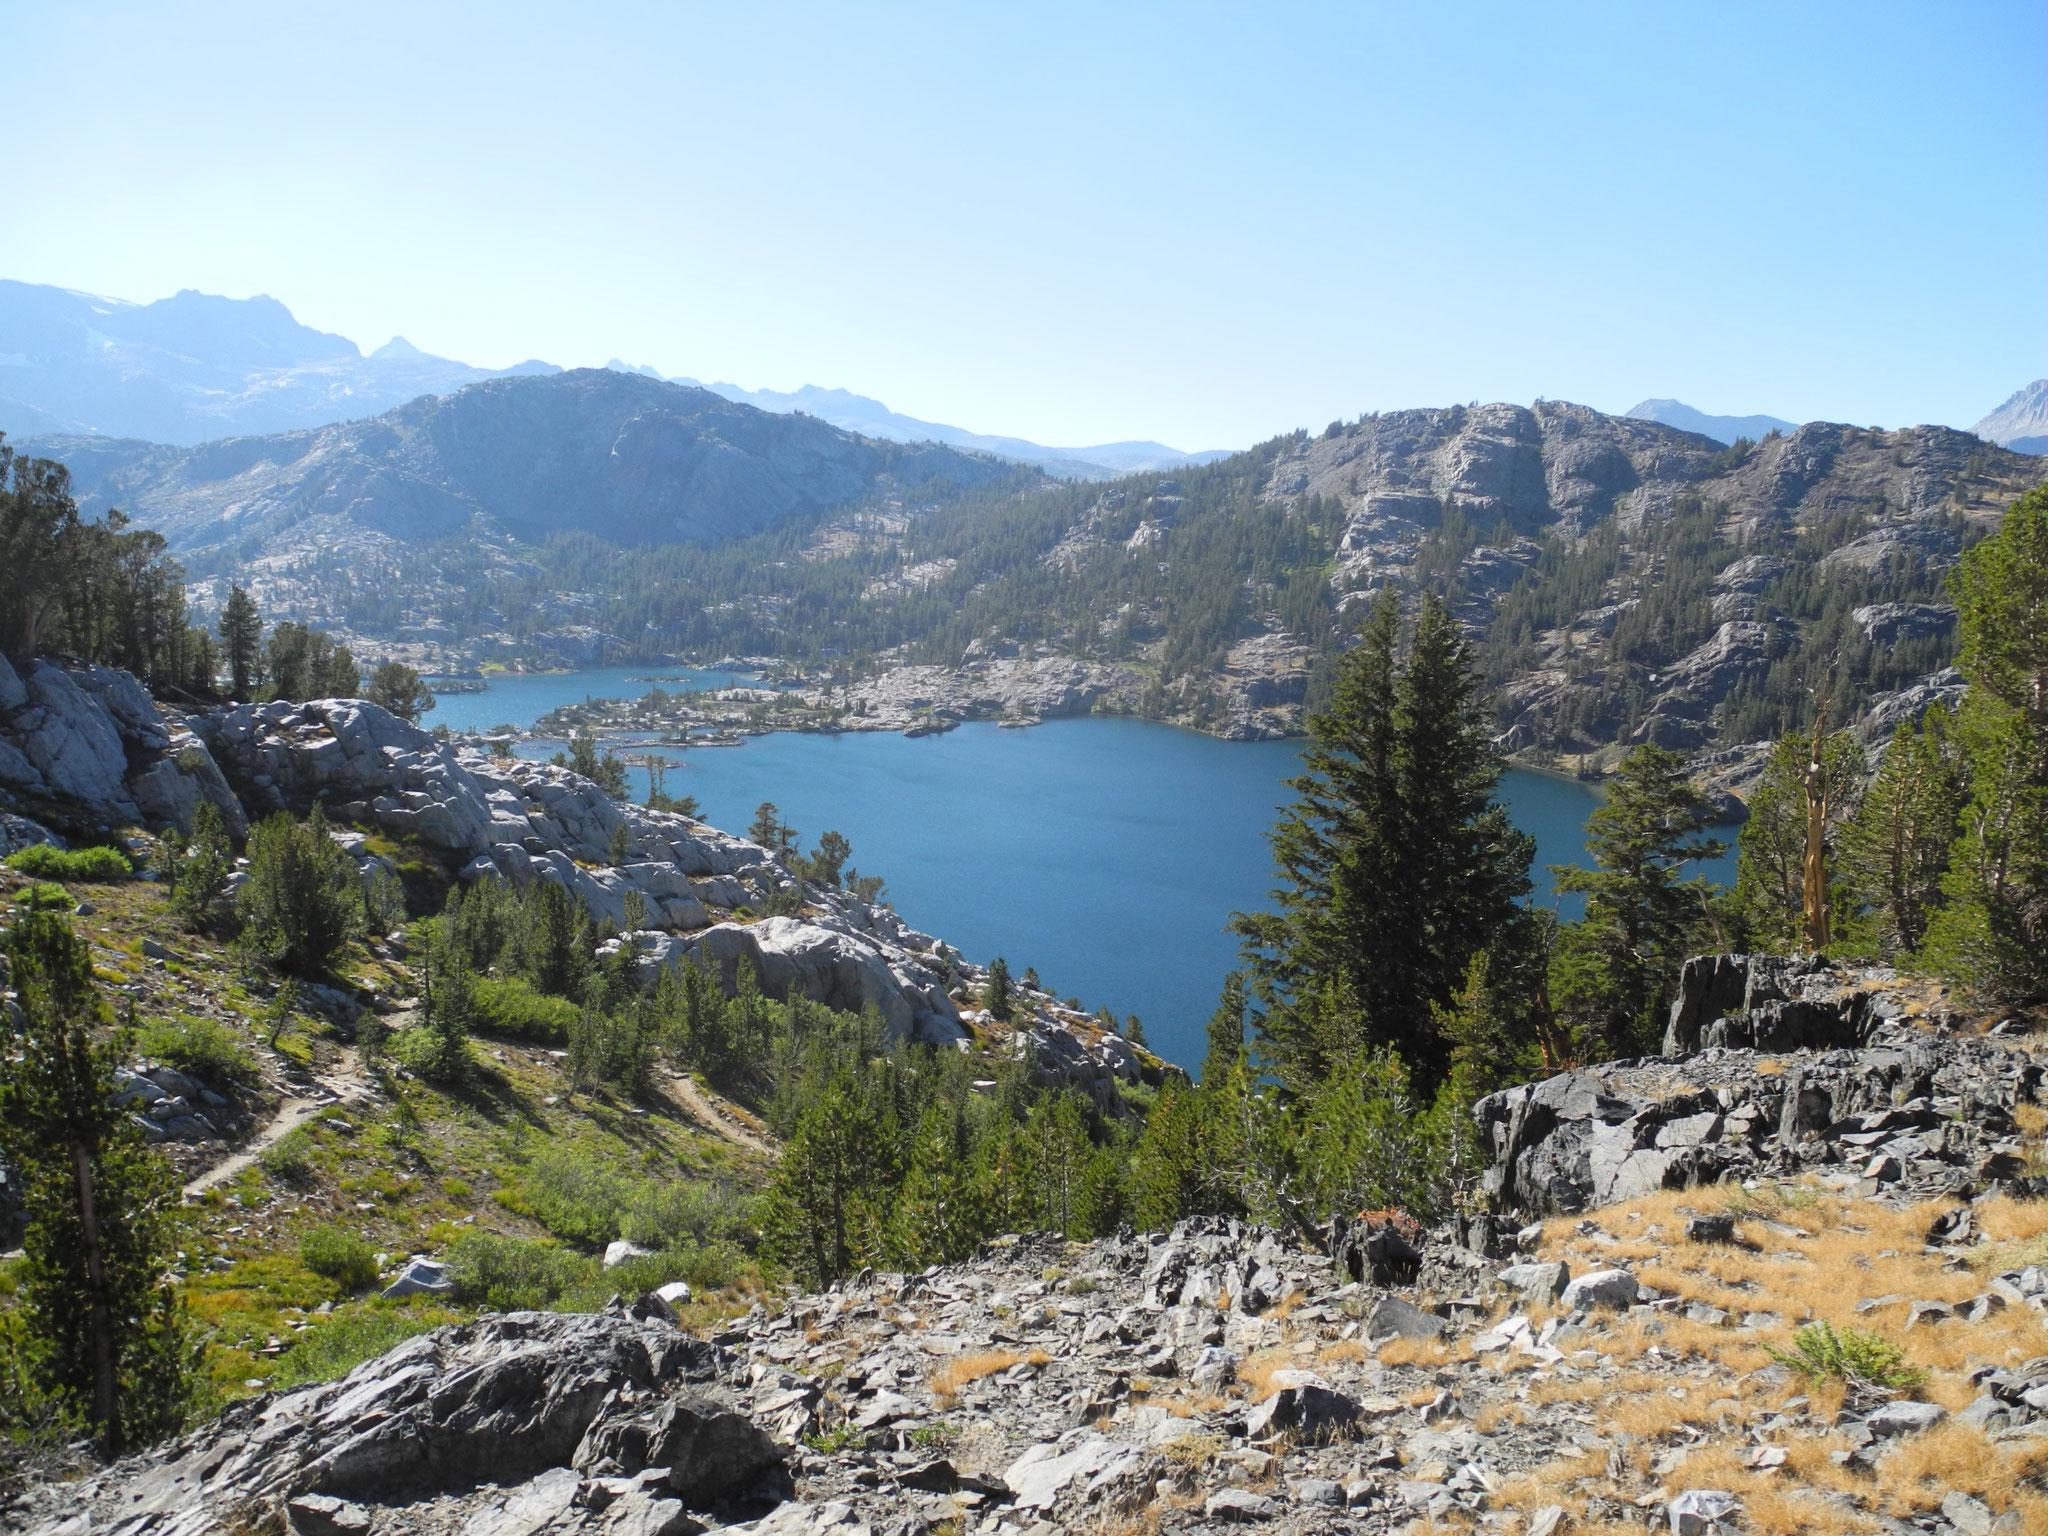 Nach ein paar weiteren harten Kilometer gab der letzte Anstieg den Blick auf Garnet Lake frei, unser erstes Camp.